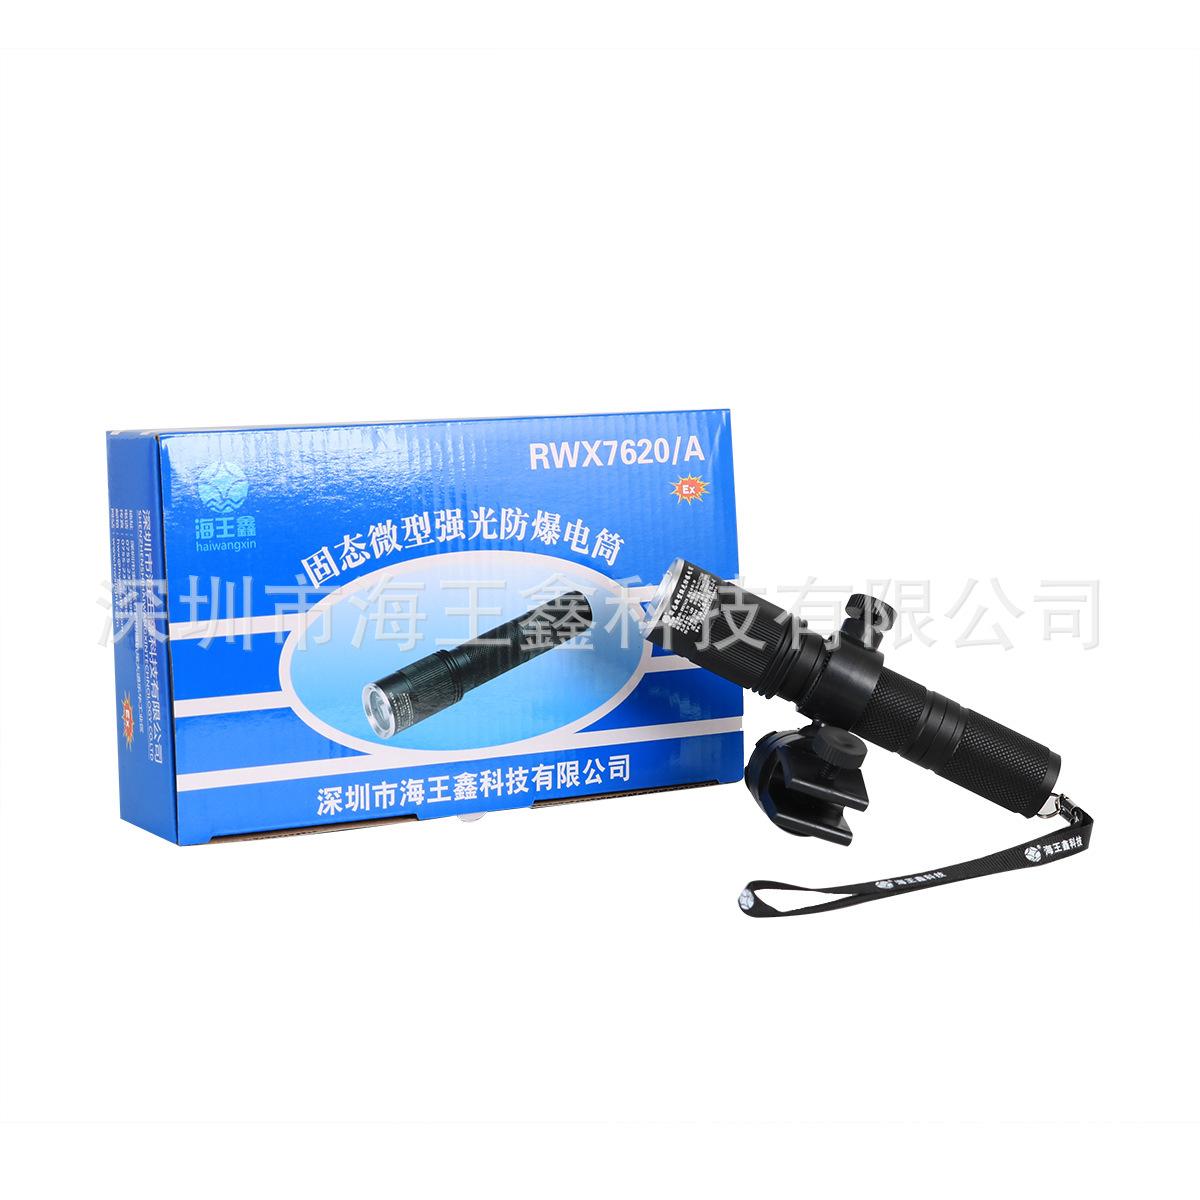 厂家直销 RWX7620 固态微型强光防爆电筒消防员佩戴式头灯LED照明